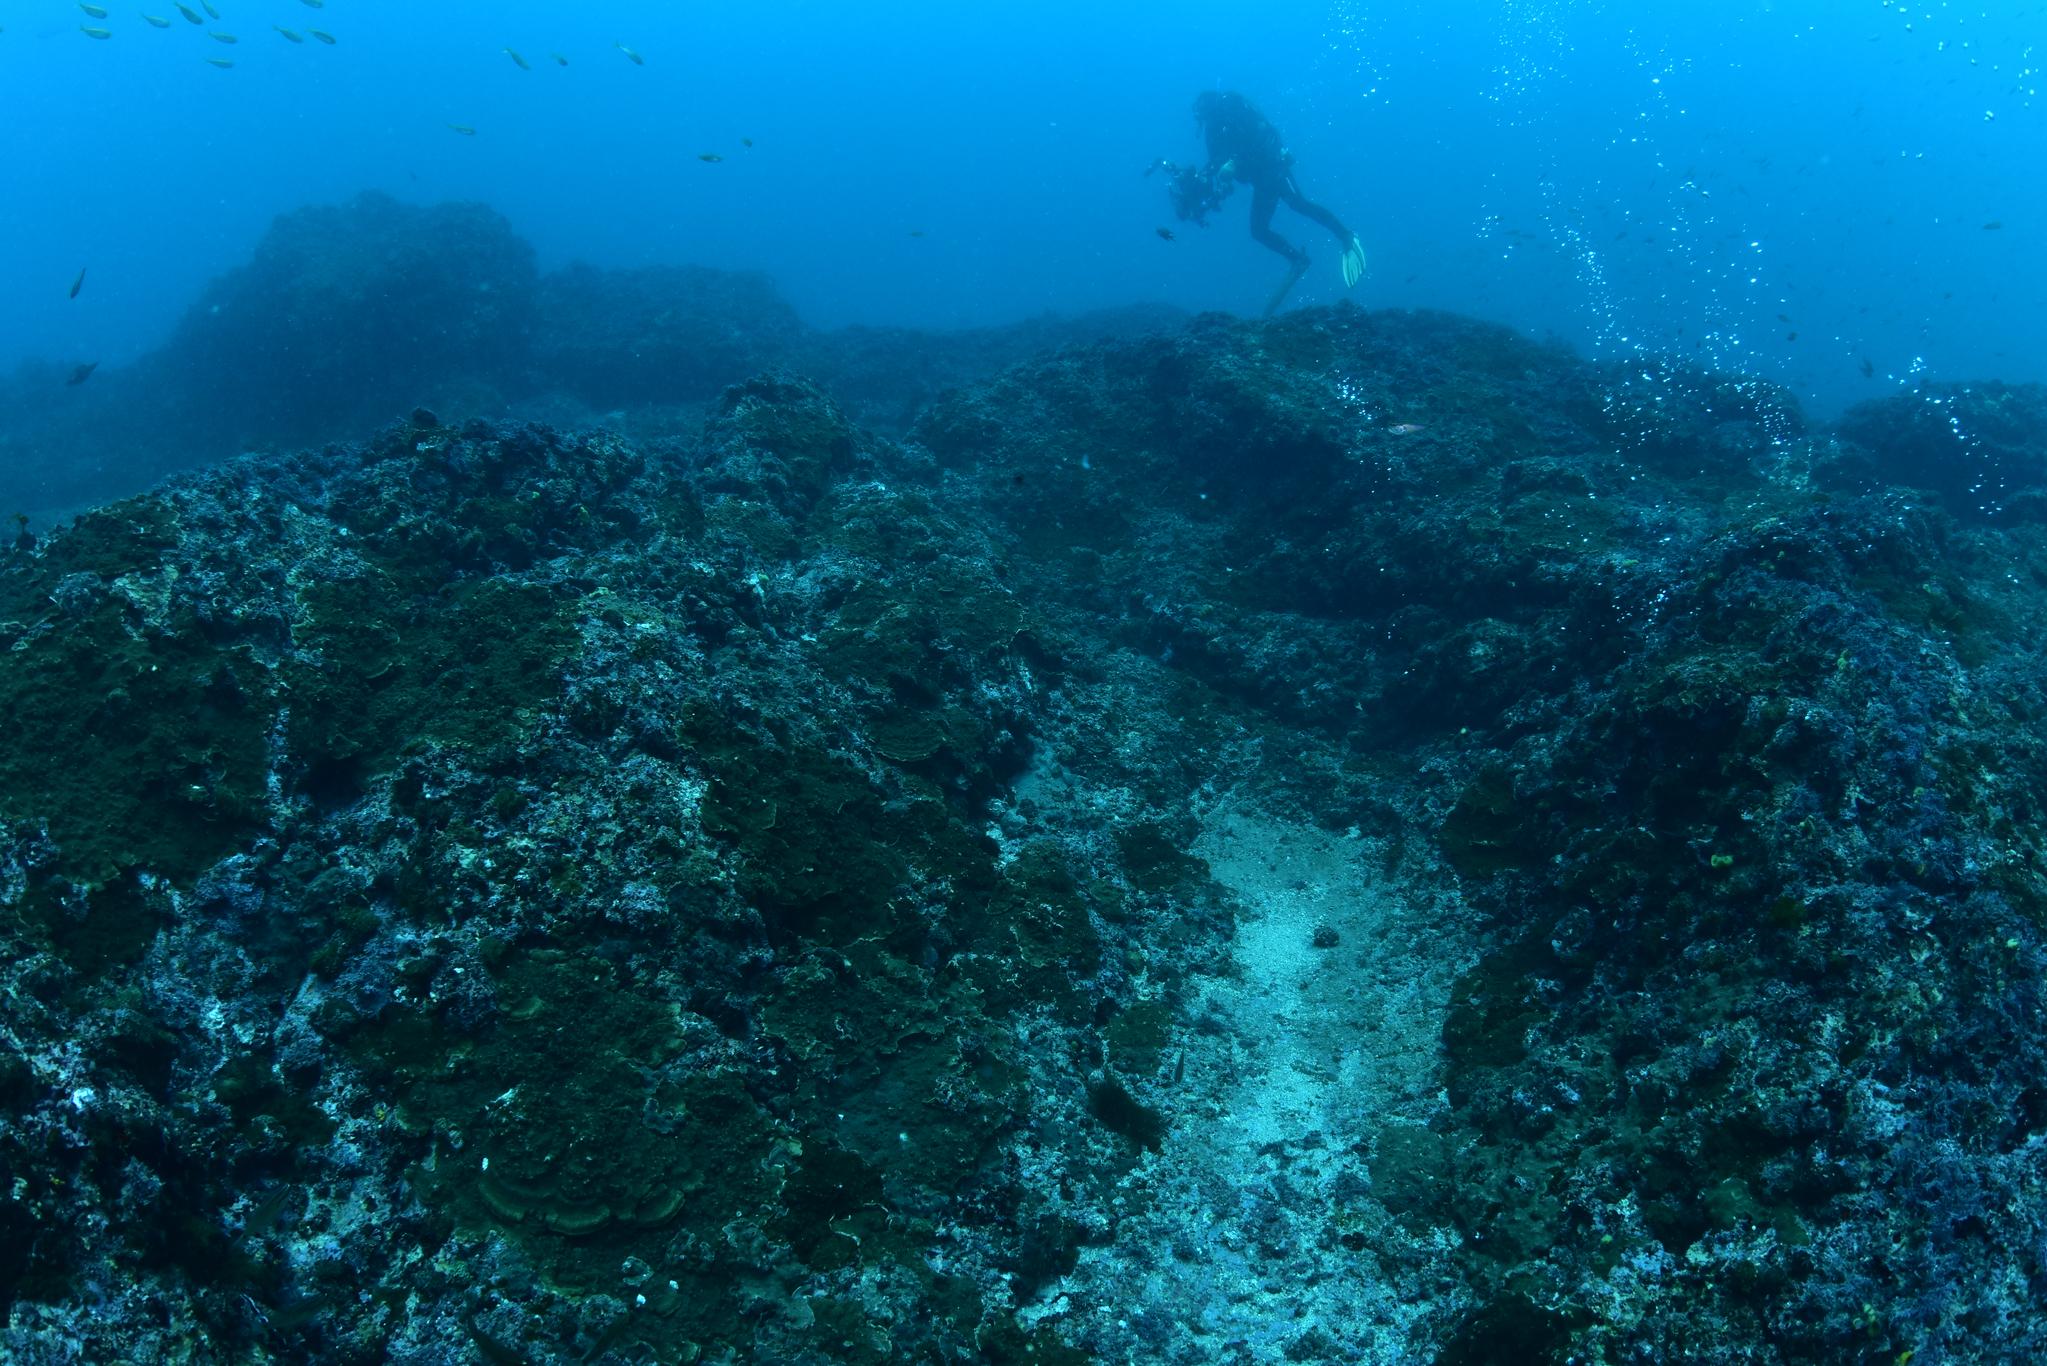 제주 서귀포시 문섬 주변 바다. 해조류가 사라지고 아열대 바다에 서식하는 돌산호 등이 바닥을 뒤덮고 있다. 이선명 수중 사진작가